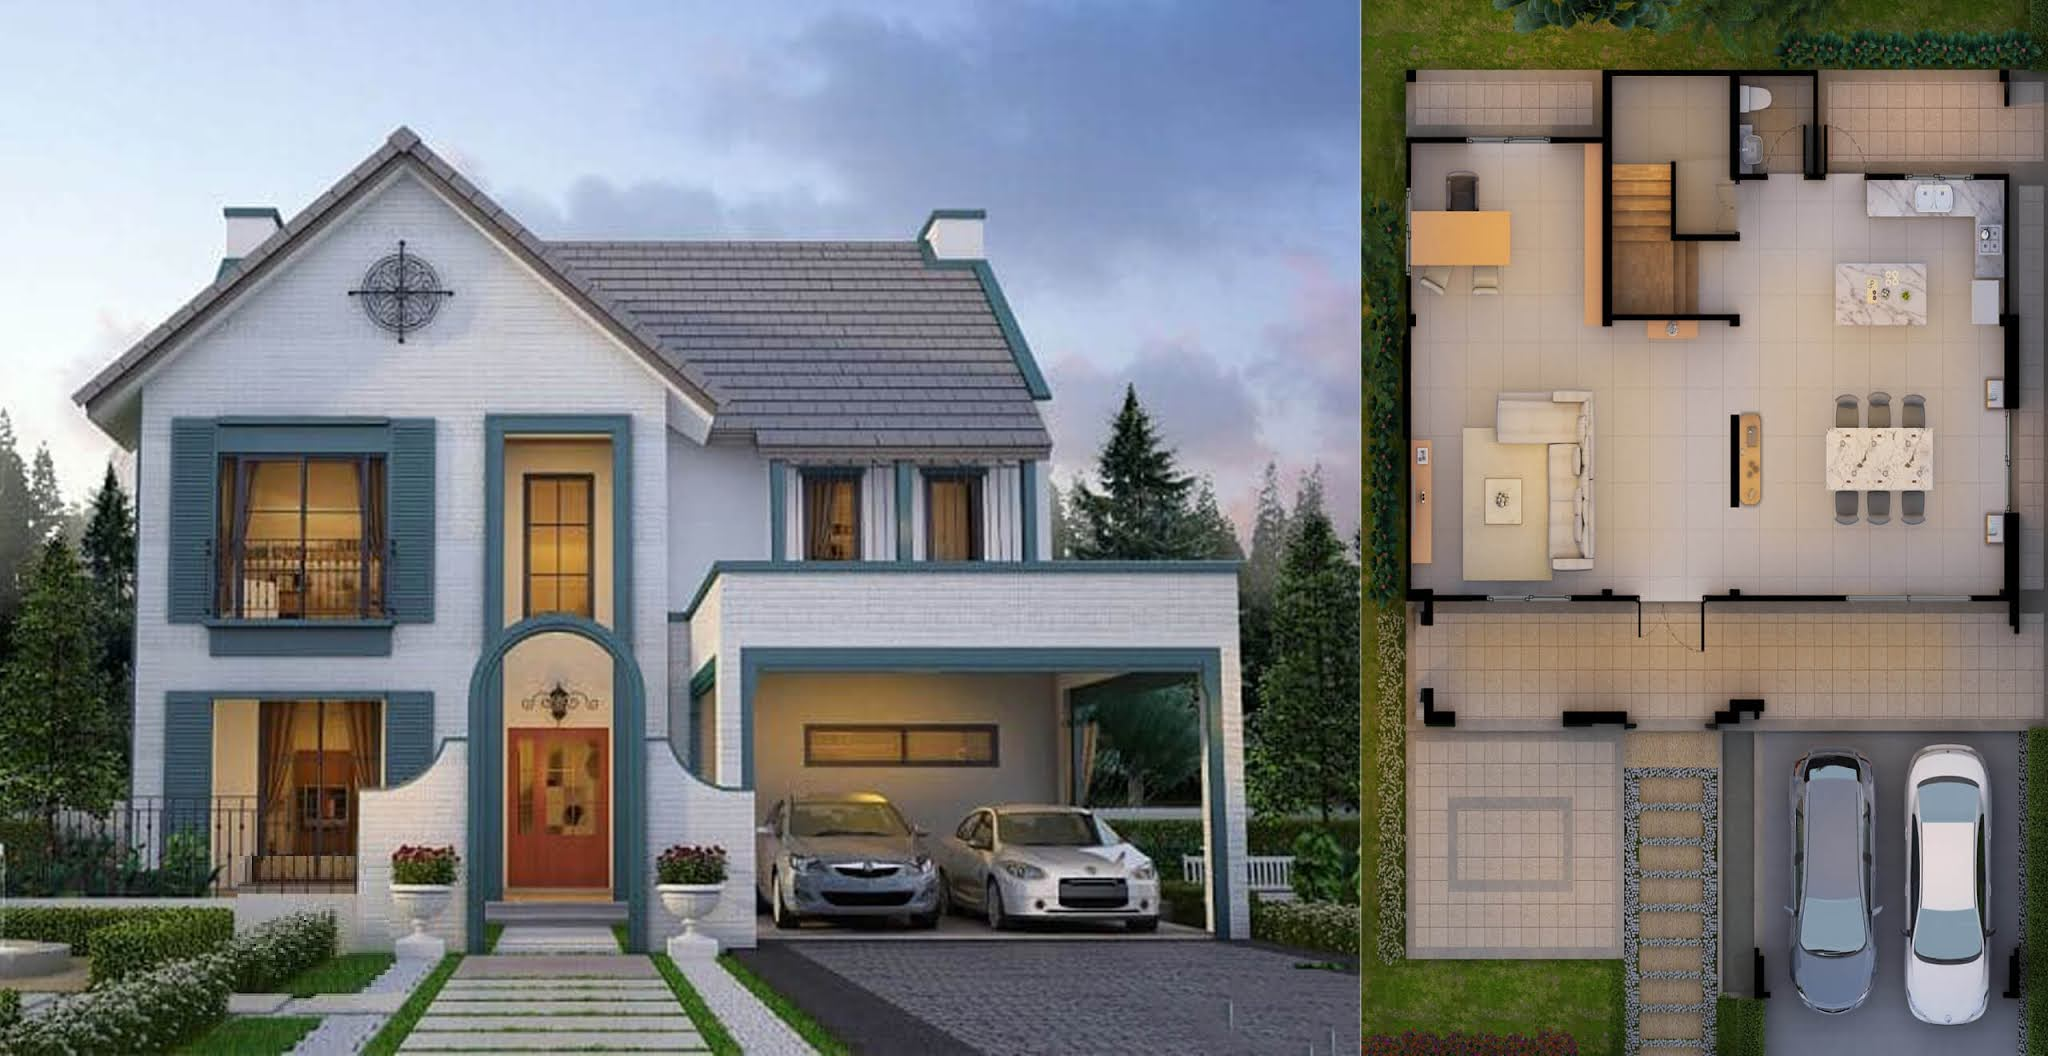 Maison A Etage Decouvrez Nos 15 Modeles Preferes